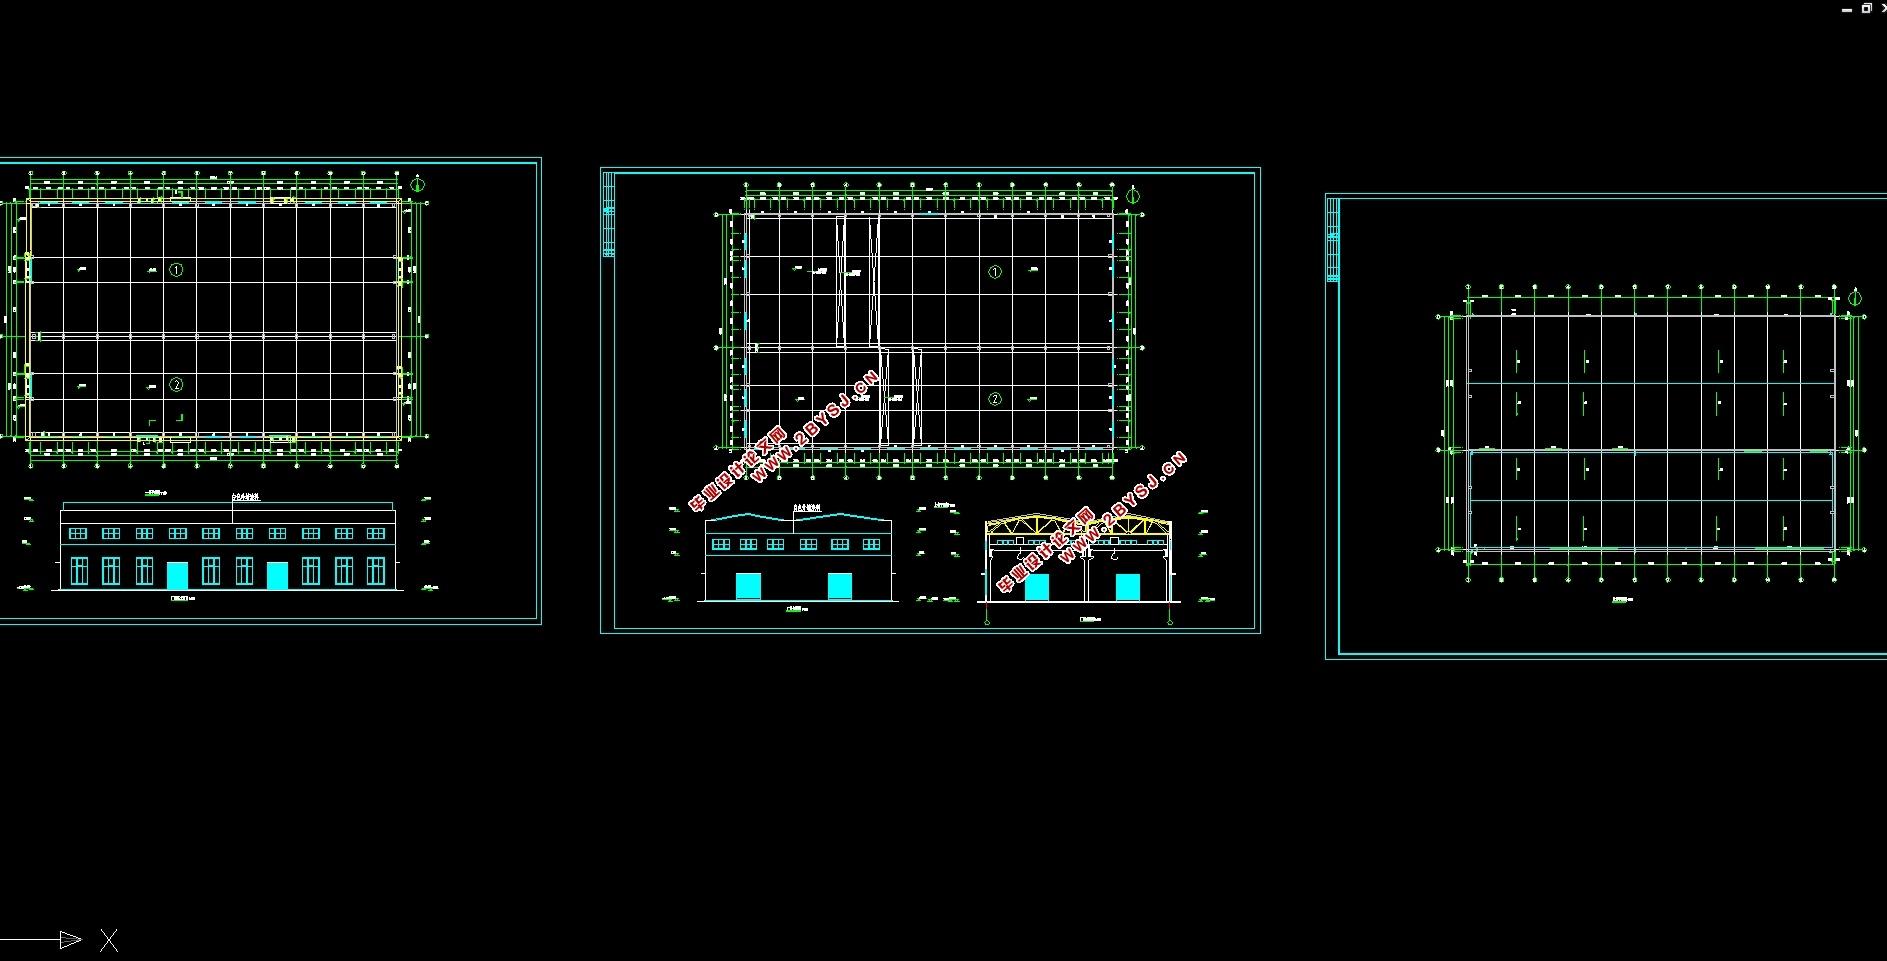 厂房结构设计( 建筑图,结构图)(任务书,计算书18500字, 建筑图3张